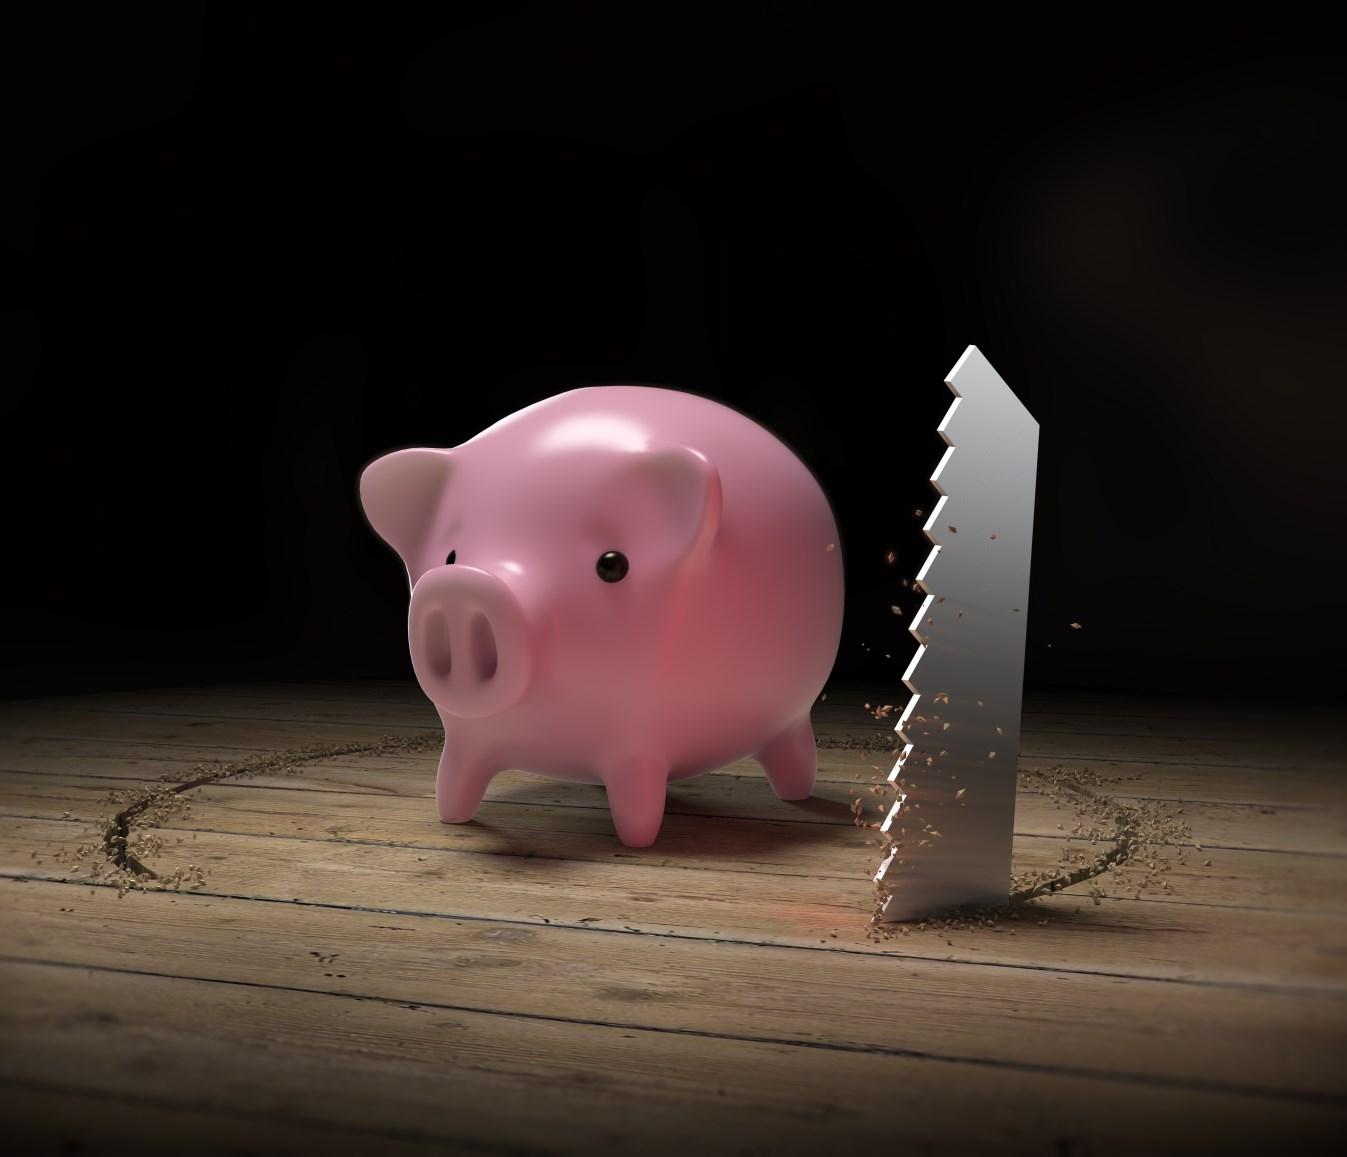 Inflatiuon & Geldwertstabilität als wichtige fundamentale Forex Indikatoren